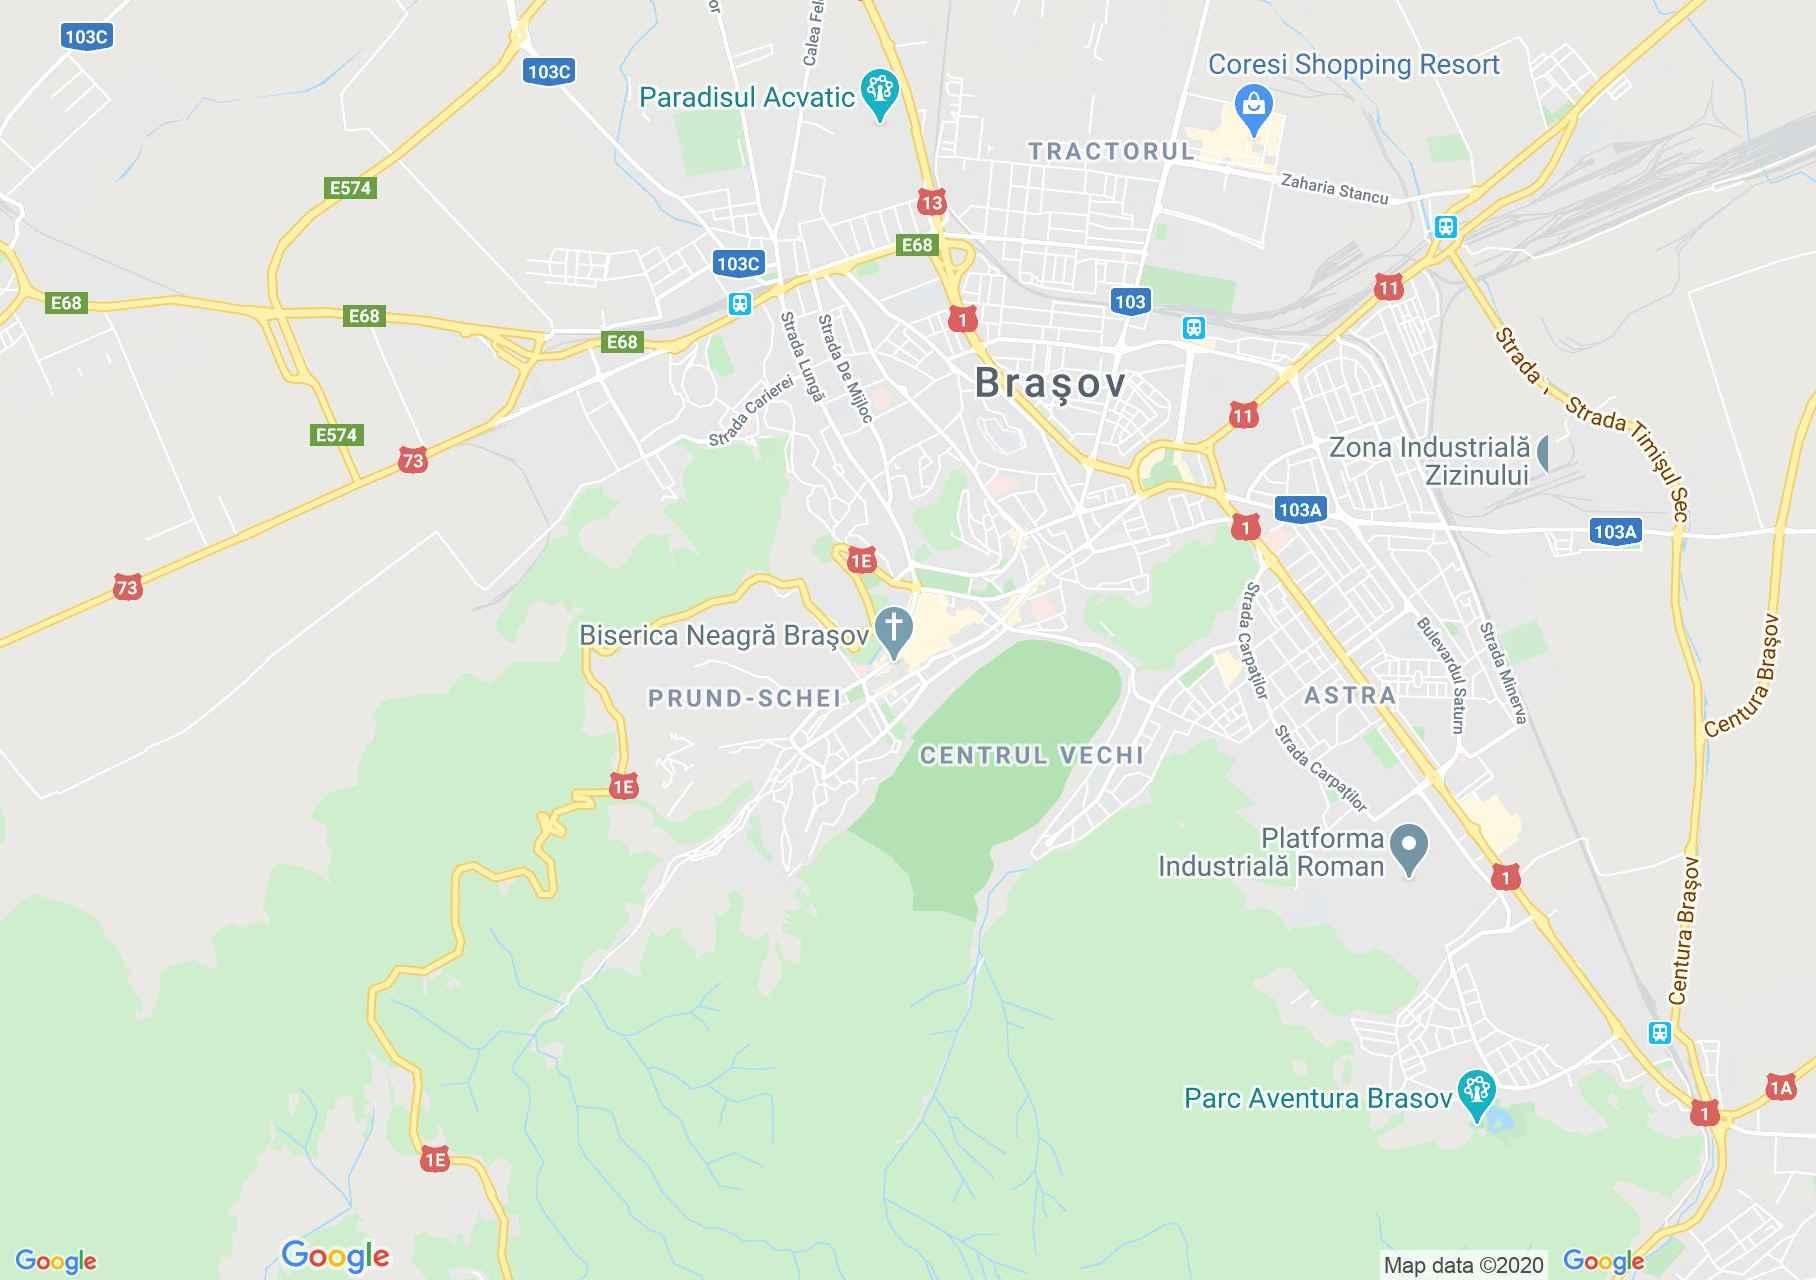 Brasov Interactive Tourist Map